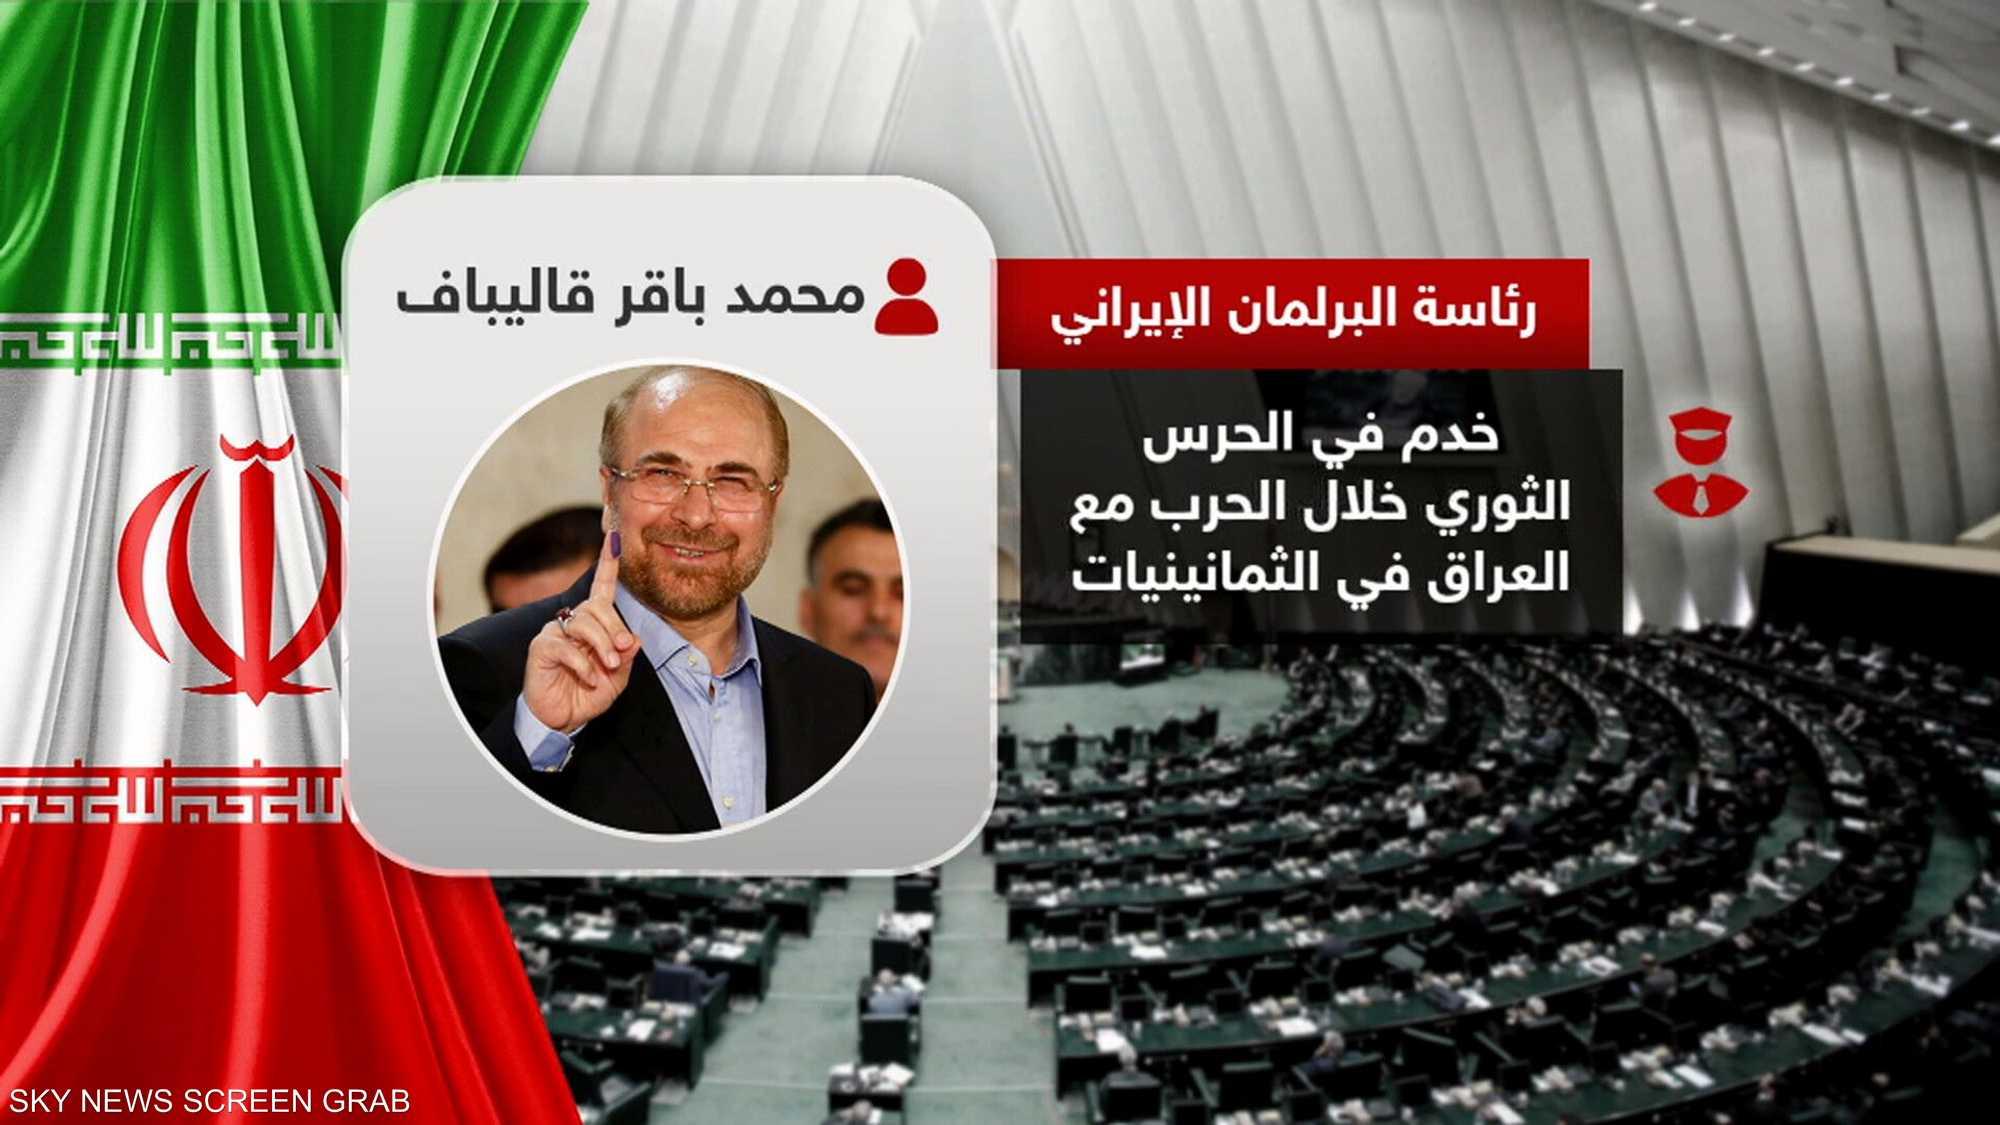 إيران... مزيد من هيمنة التيار المحافظ